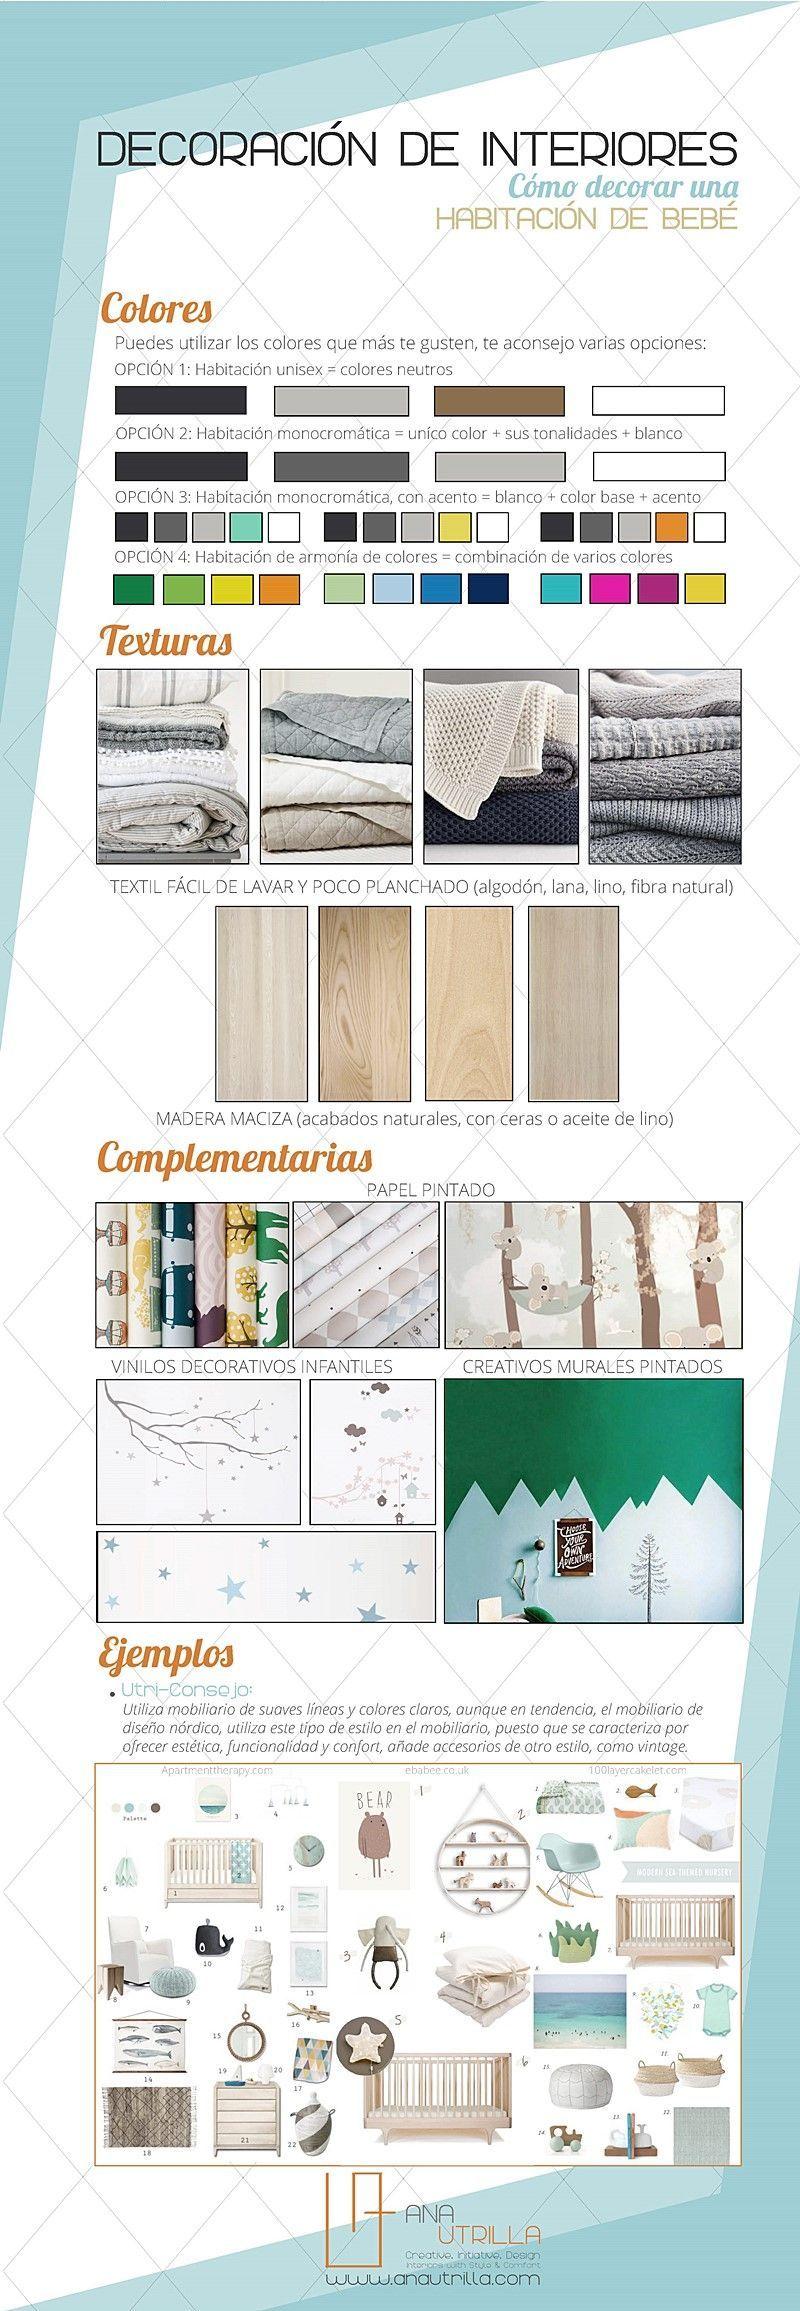 Infografía cómo decorar una habitación de bebé de estilo nórdico por Ana Utrilla